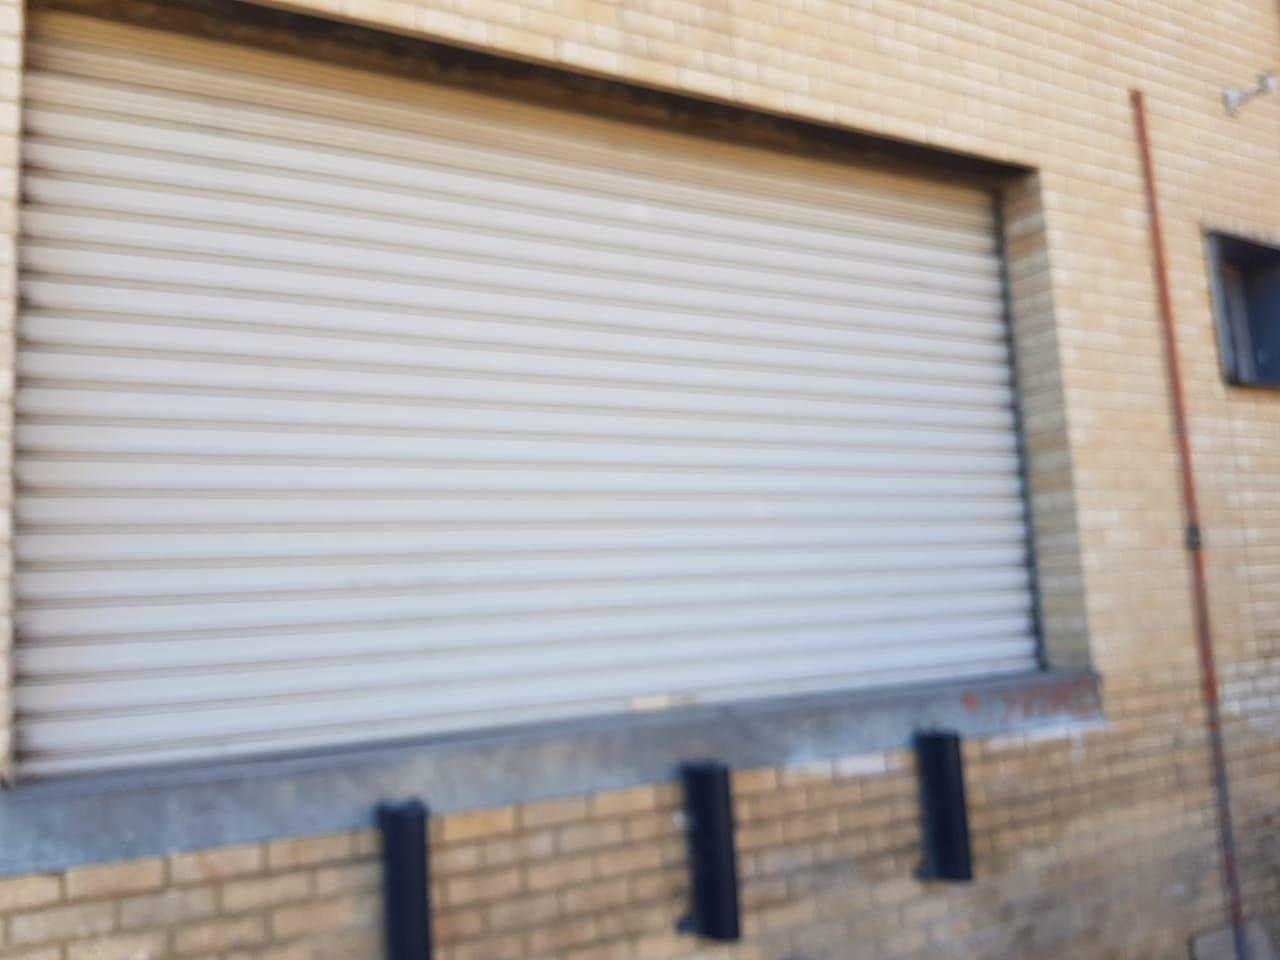 4 x 5m industrial rollers shutter doors.